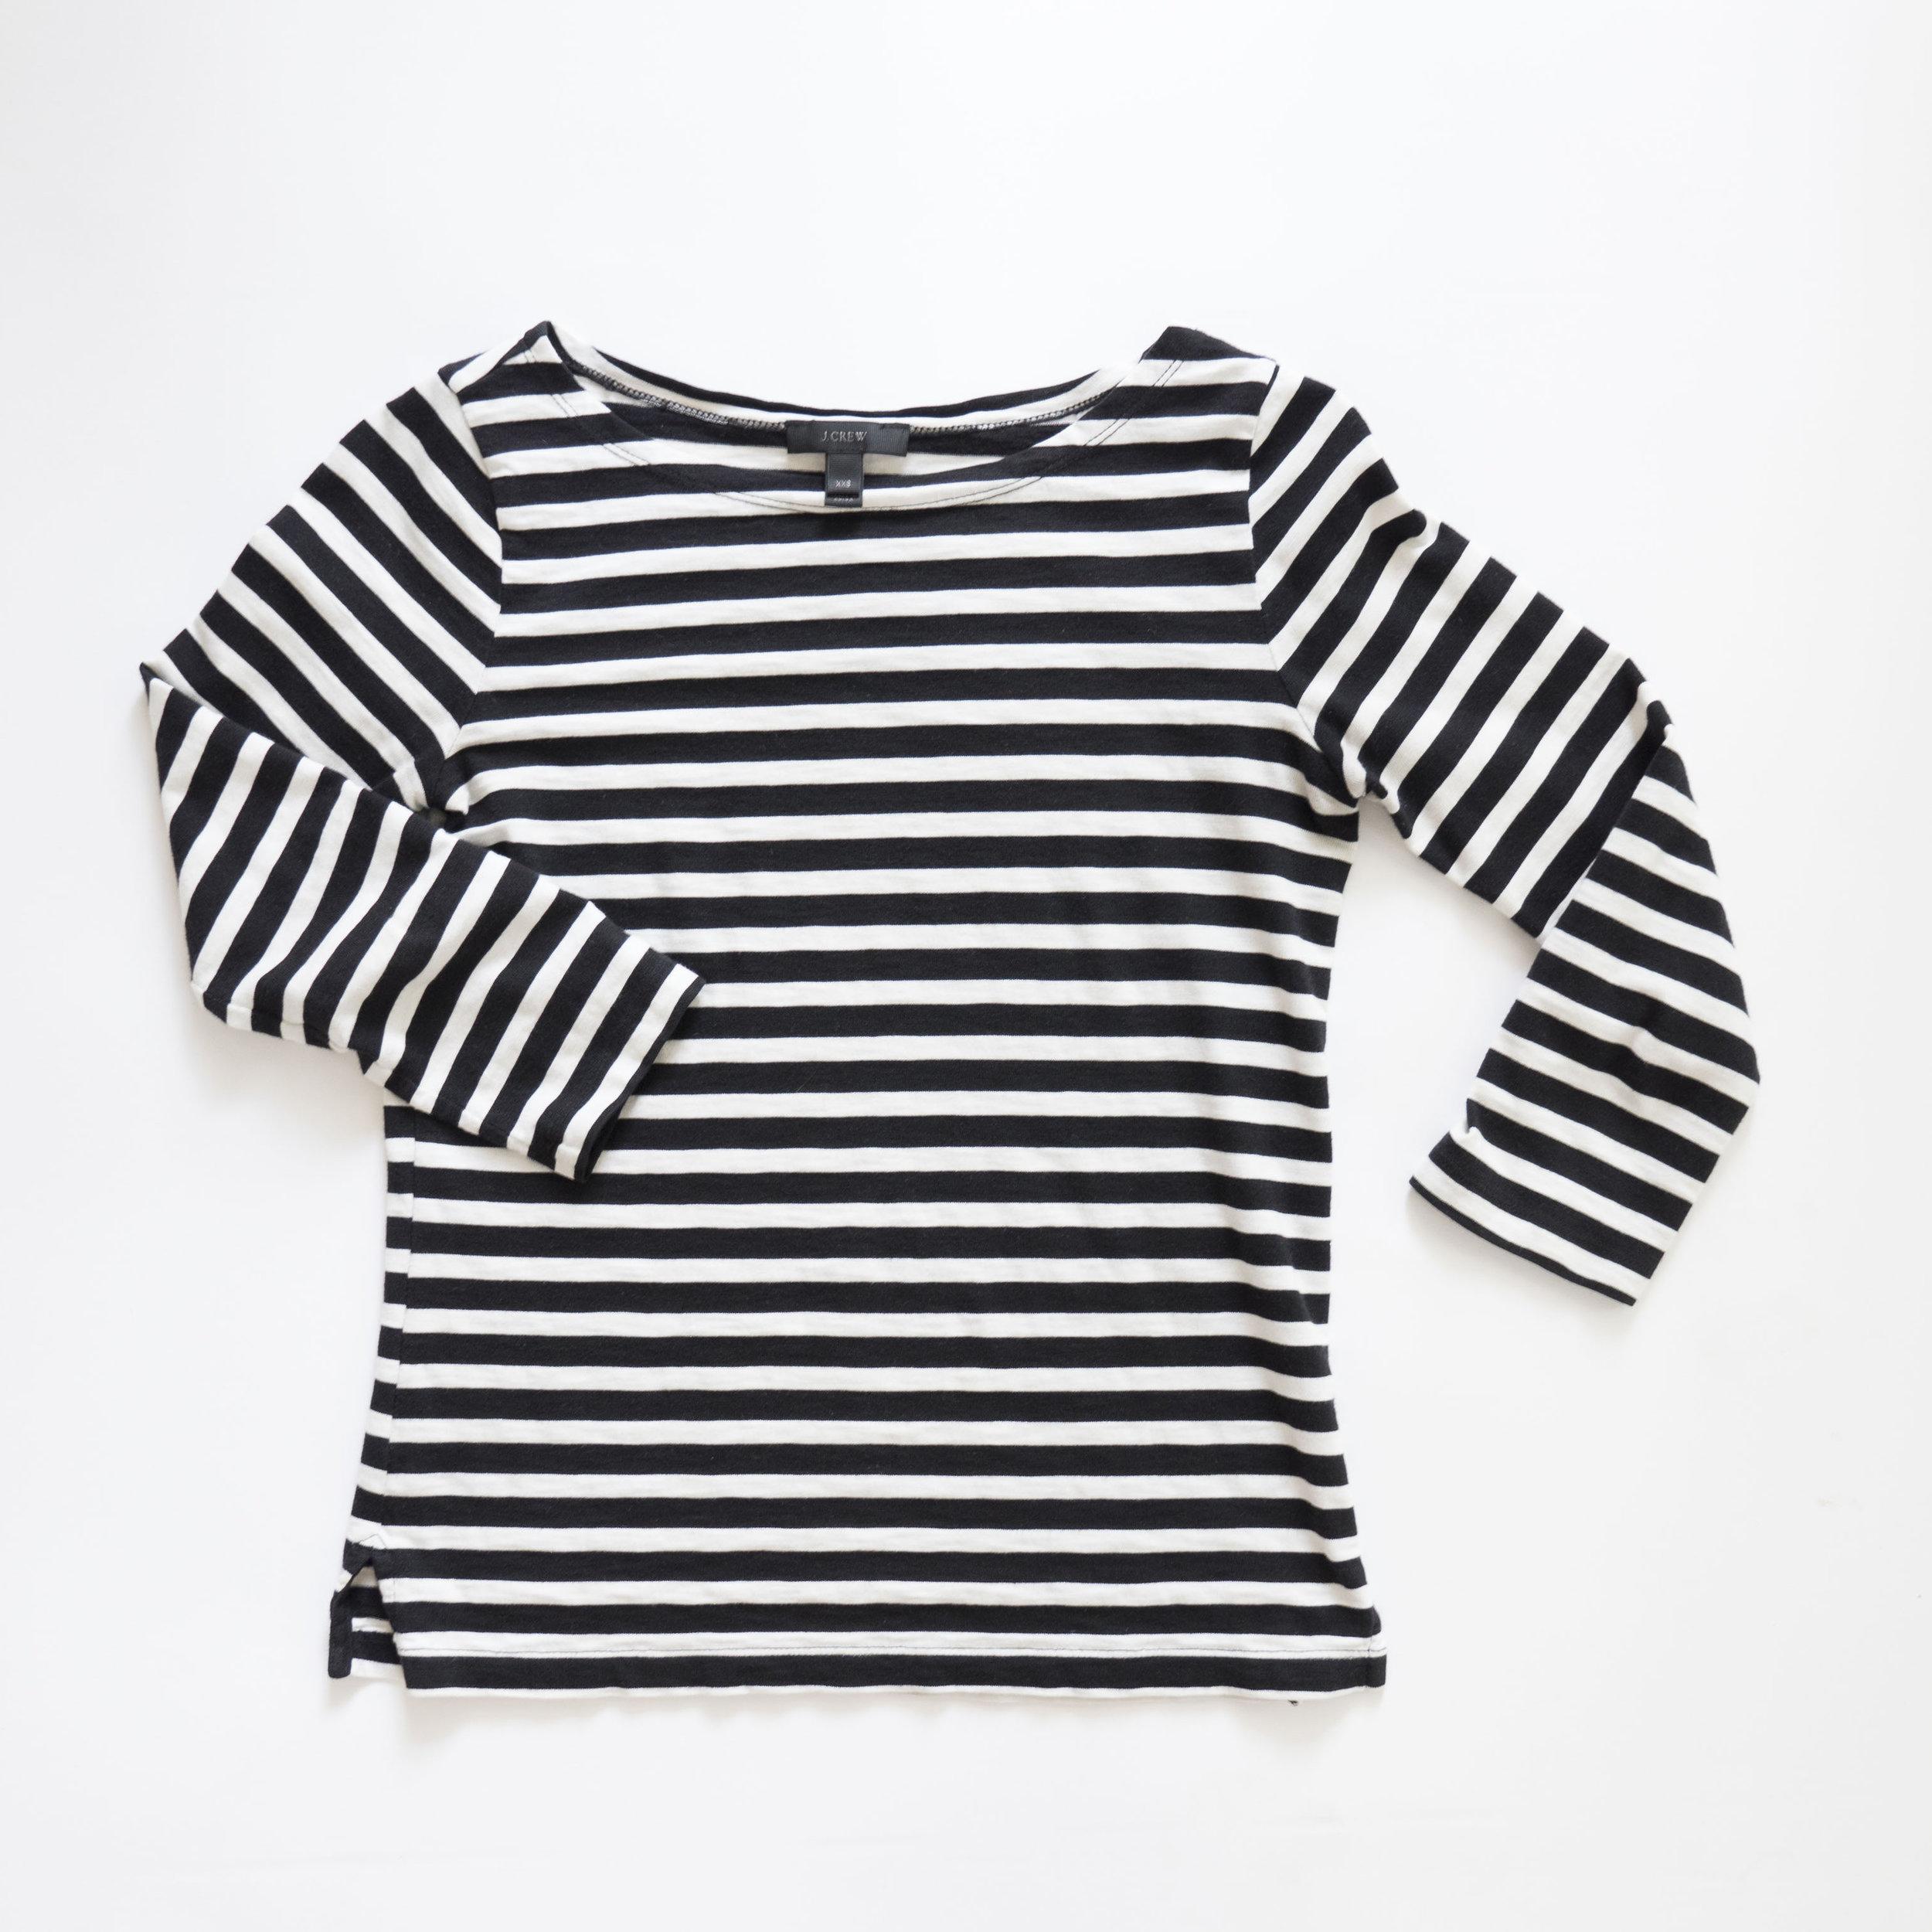 jcrew-striped-tee.jpg